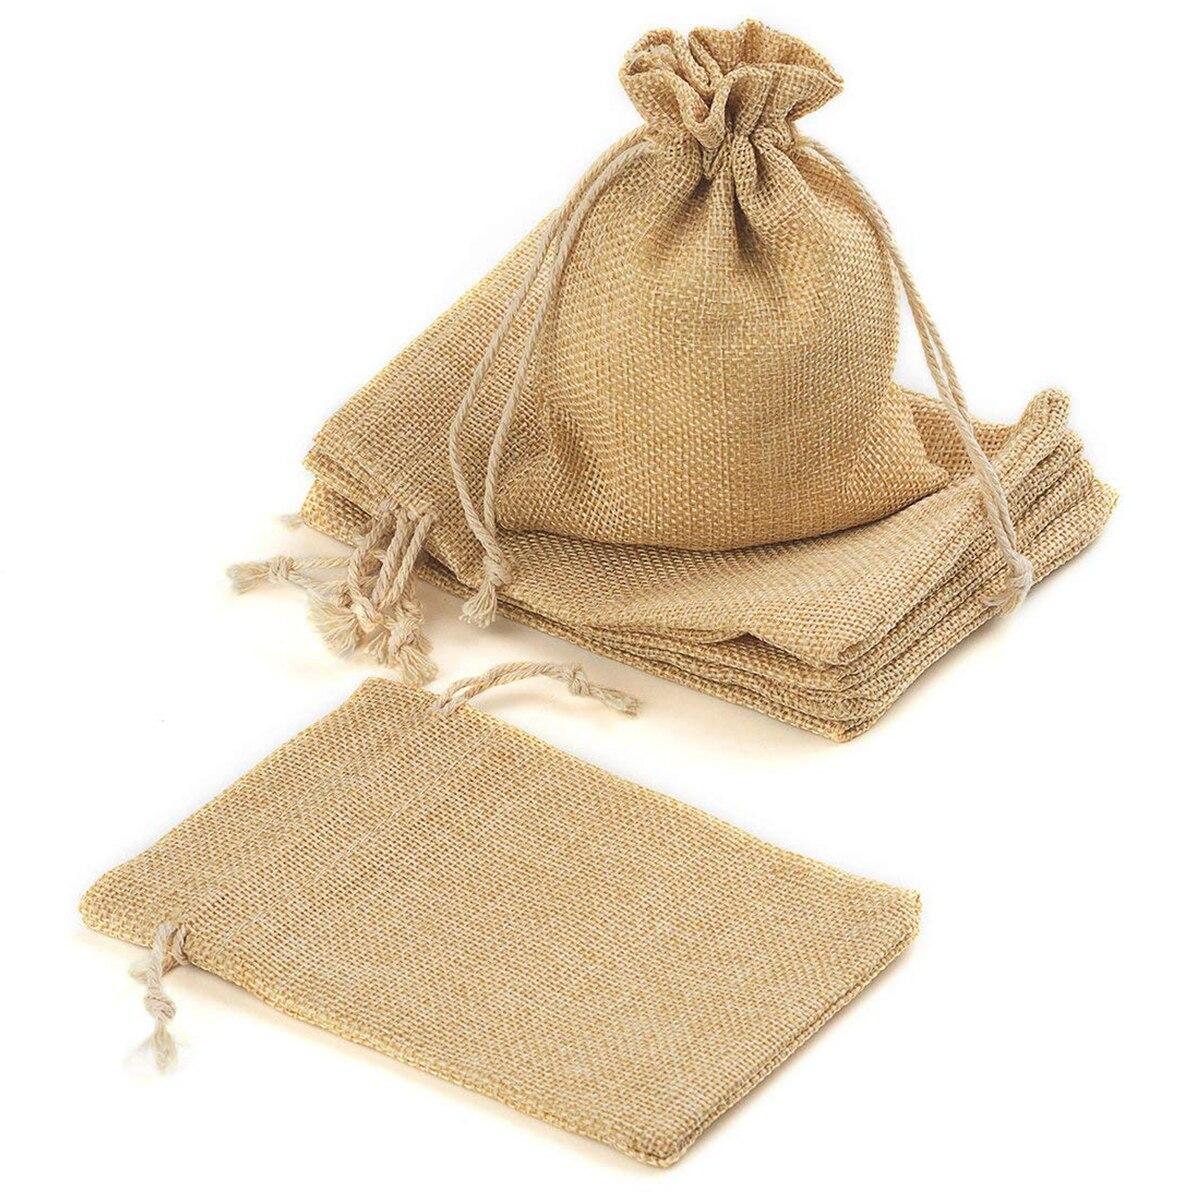 100 sacs de toile de jute de pièce avec des sacs-cadeaux de cordon pour la fête de mariage, projets d'art et d'artisanat, cadeaux, casse-croûte et bijoux, - 2